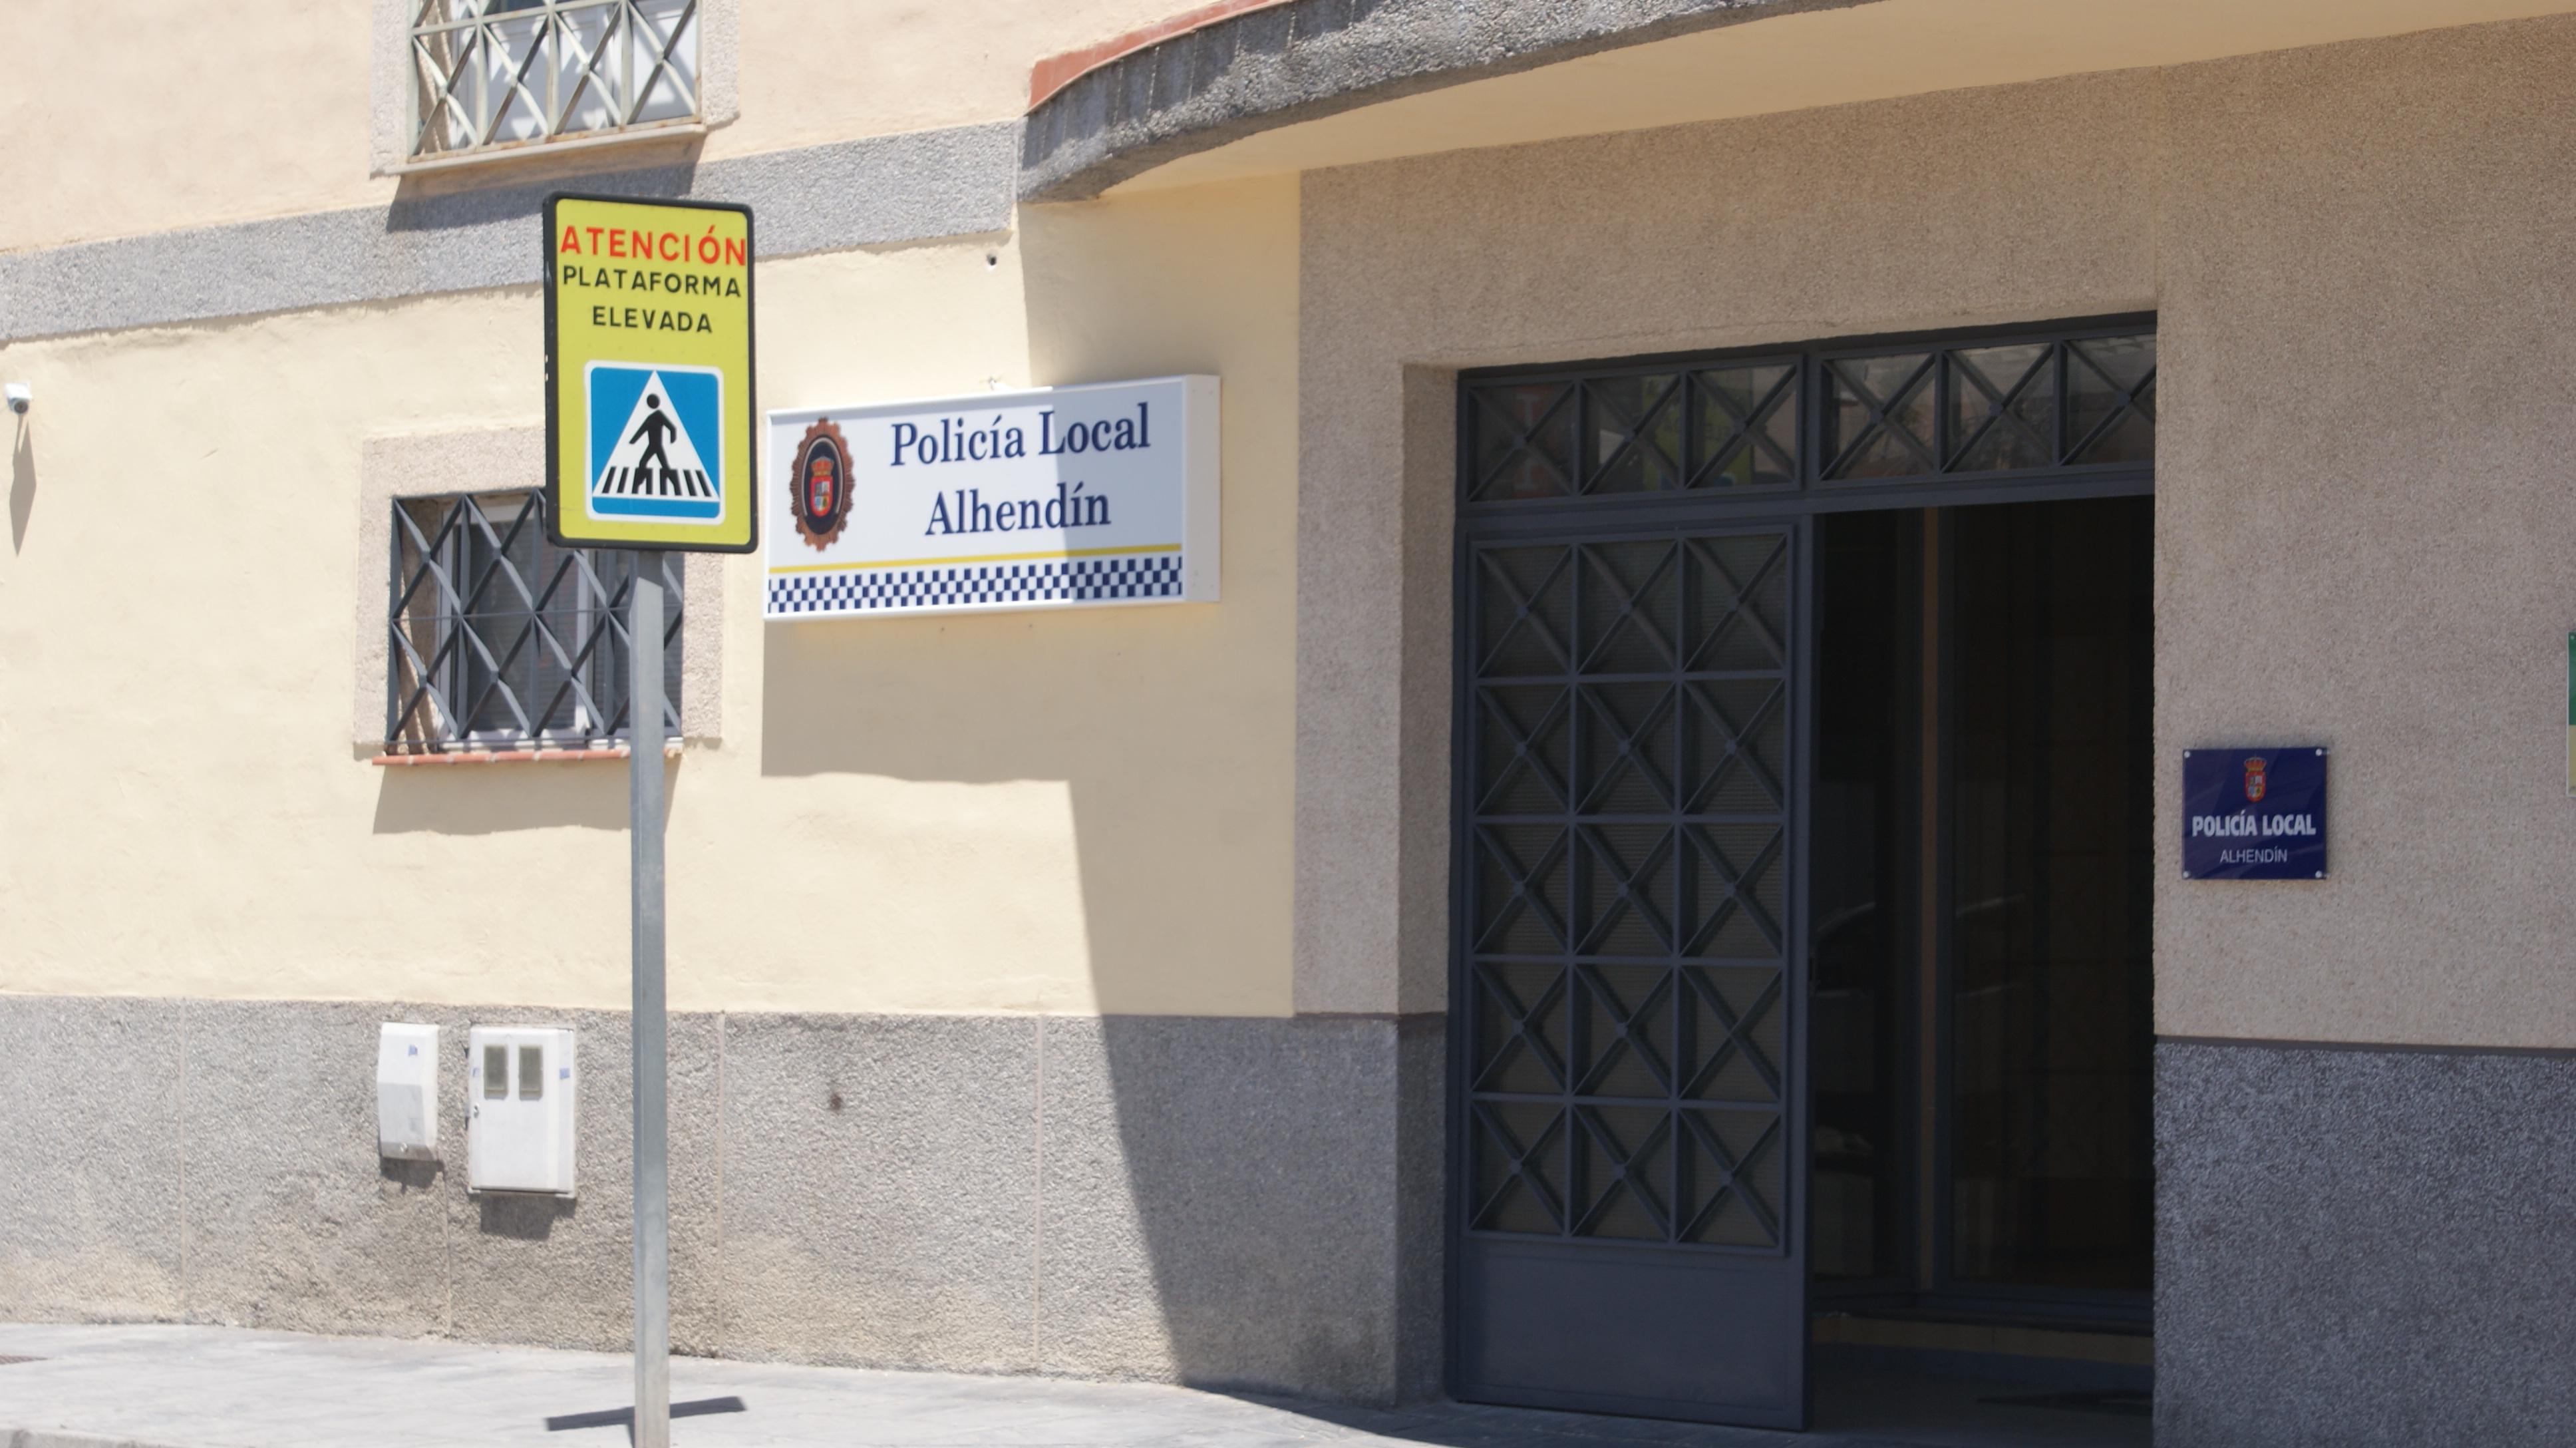 Tres sanciones hasta la fecha en Alhendín por incumplir el confinamiento ante el COVID-19